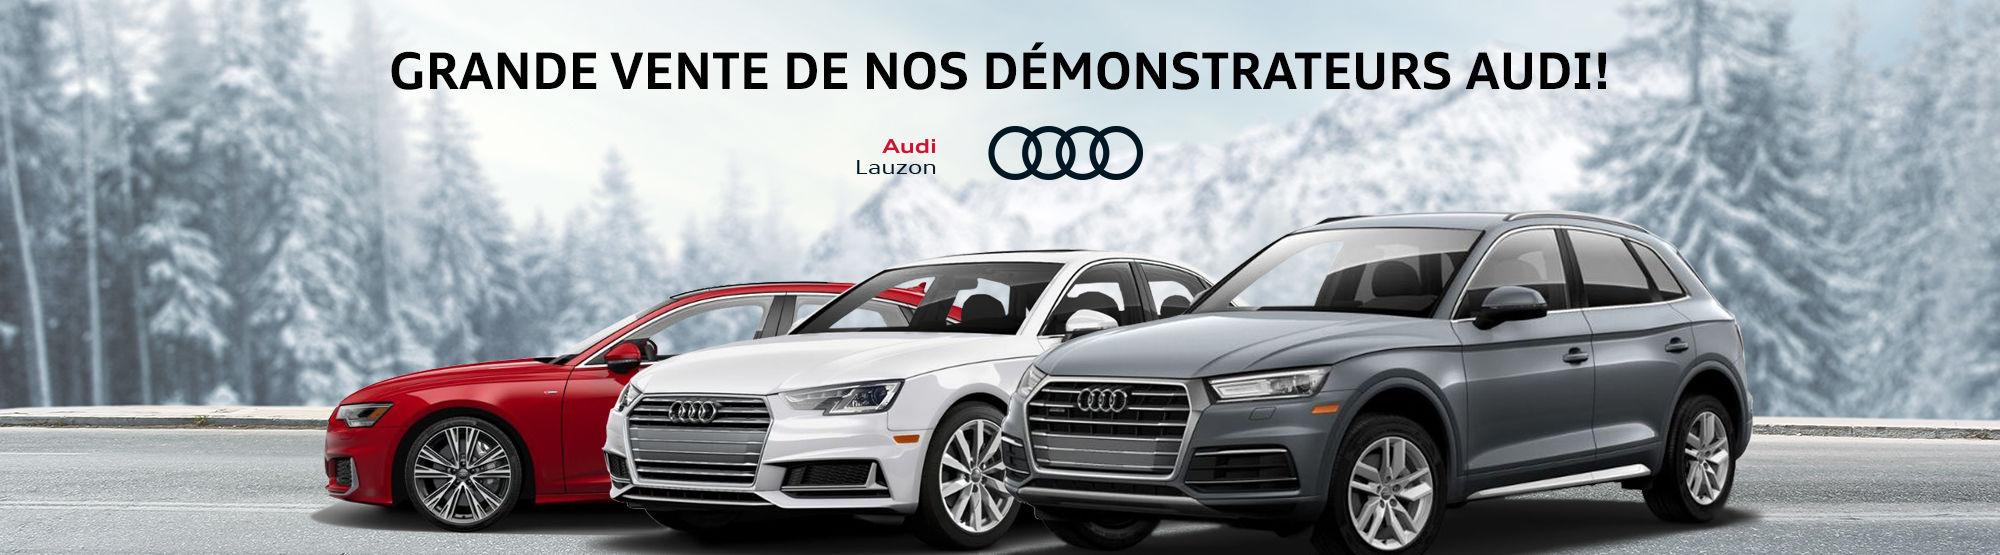 Audi Vente démos